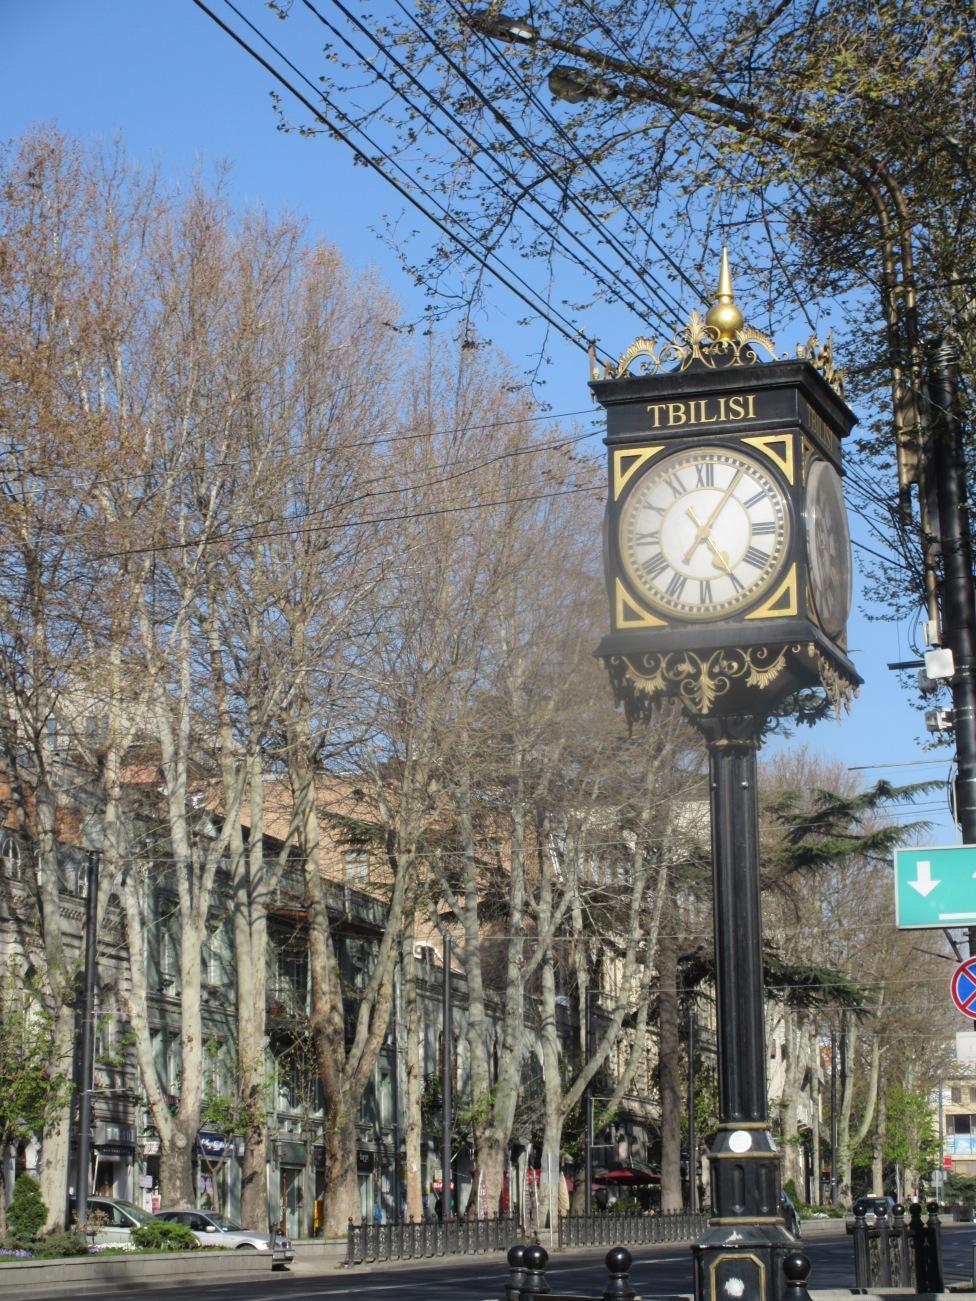 Tblisi, Georgia